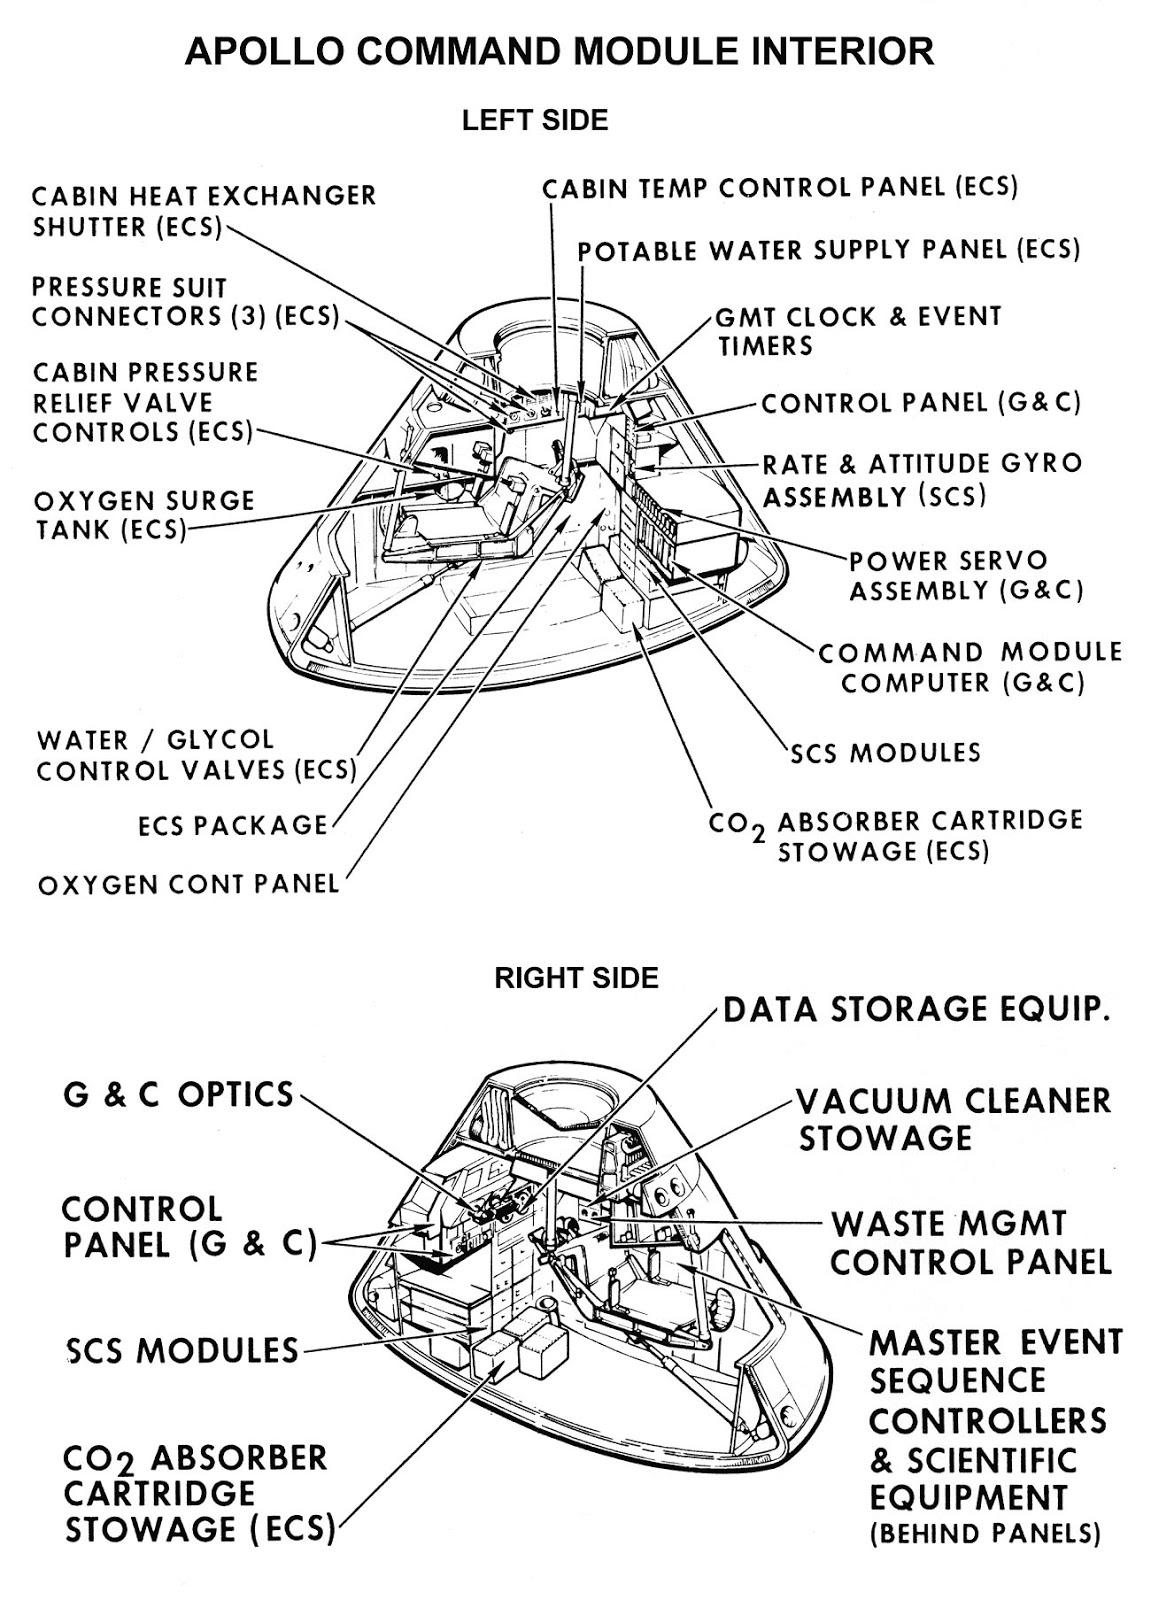 Exo Cruiser Cm Command Module Part 11 Apollo Control